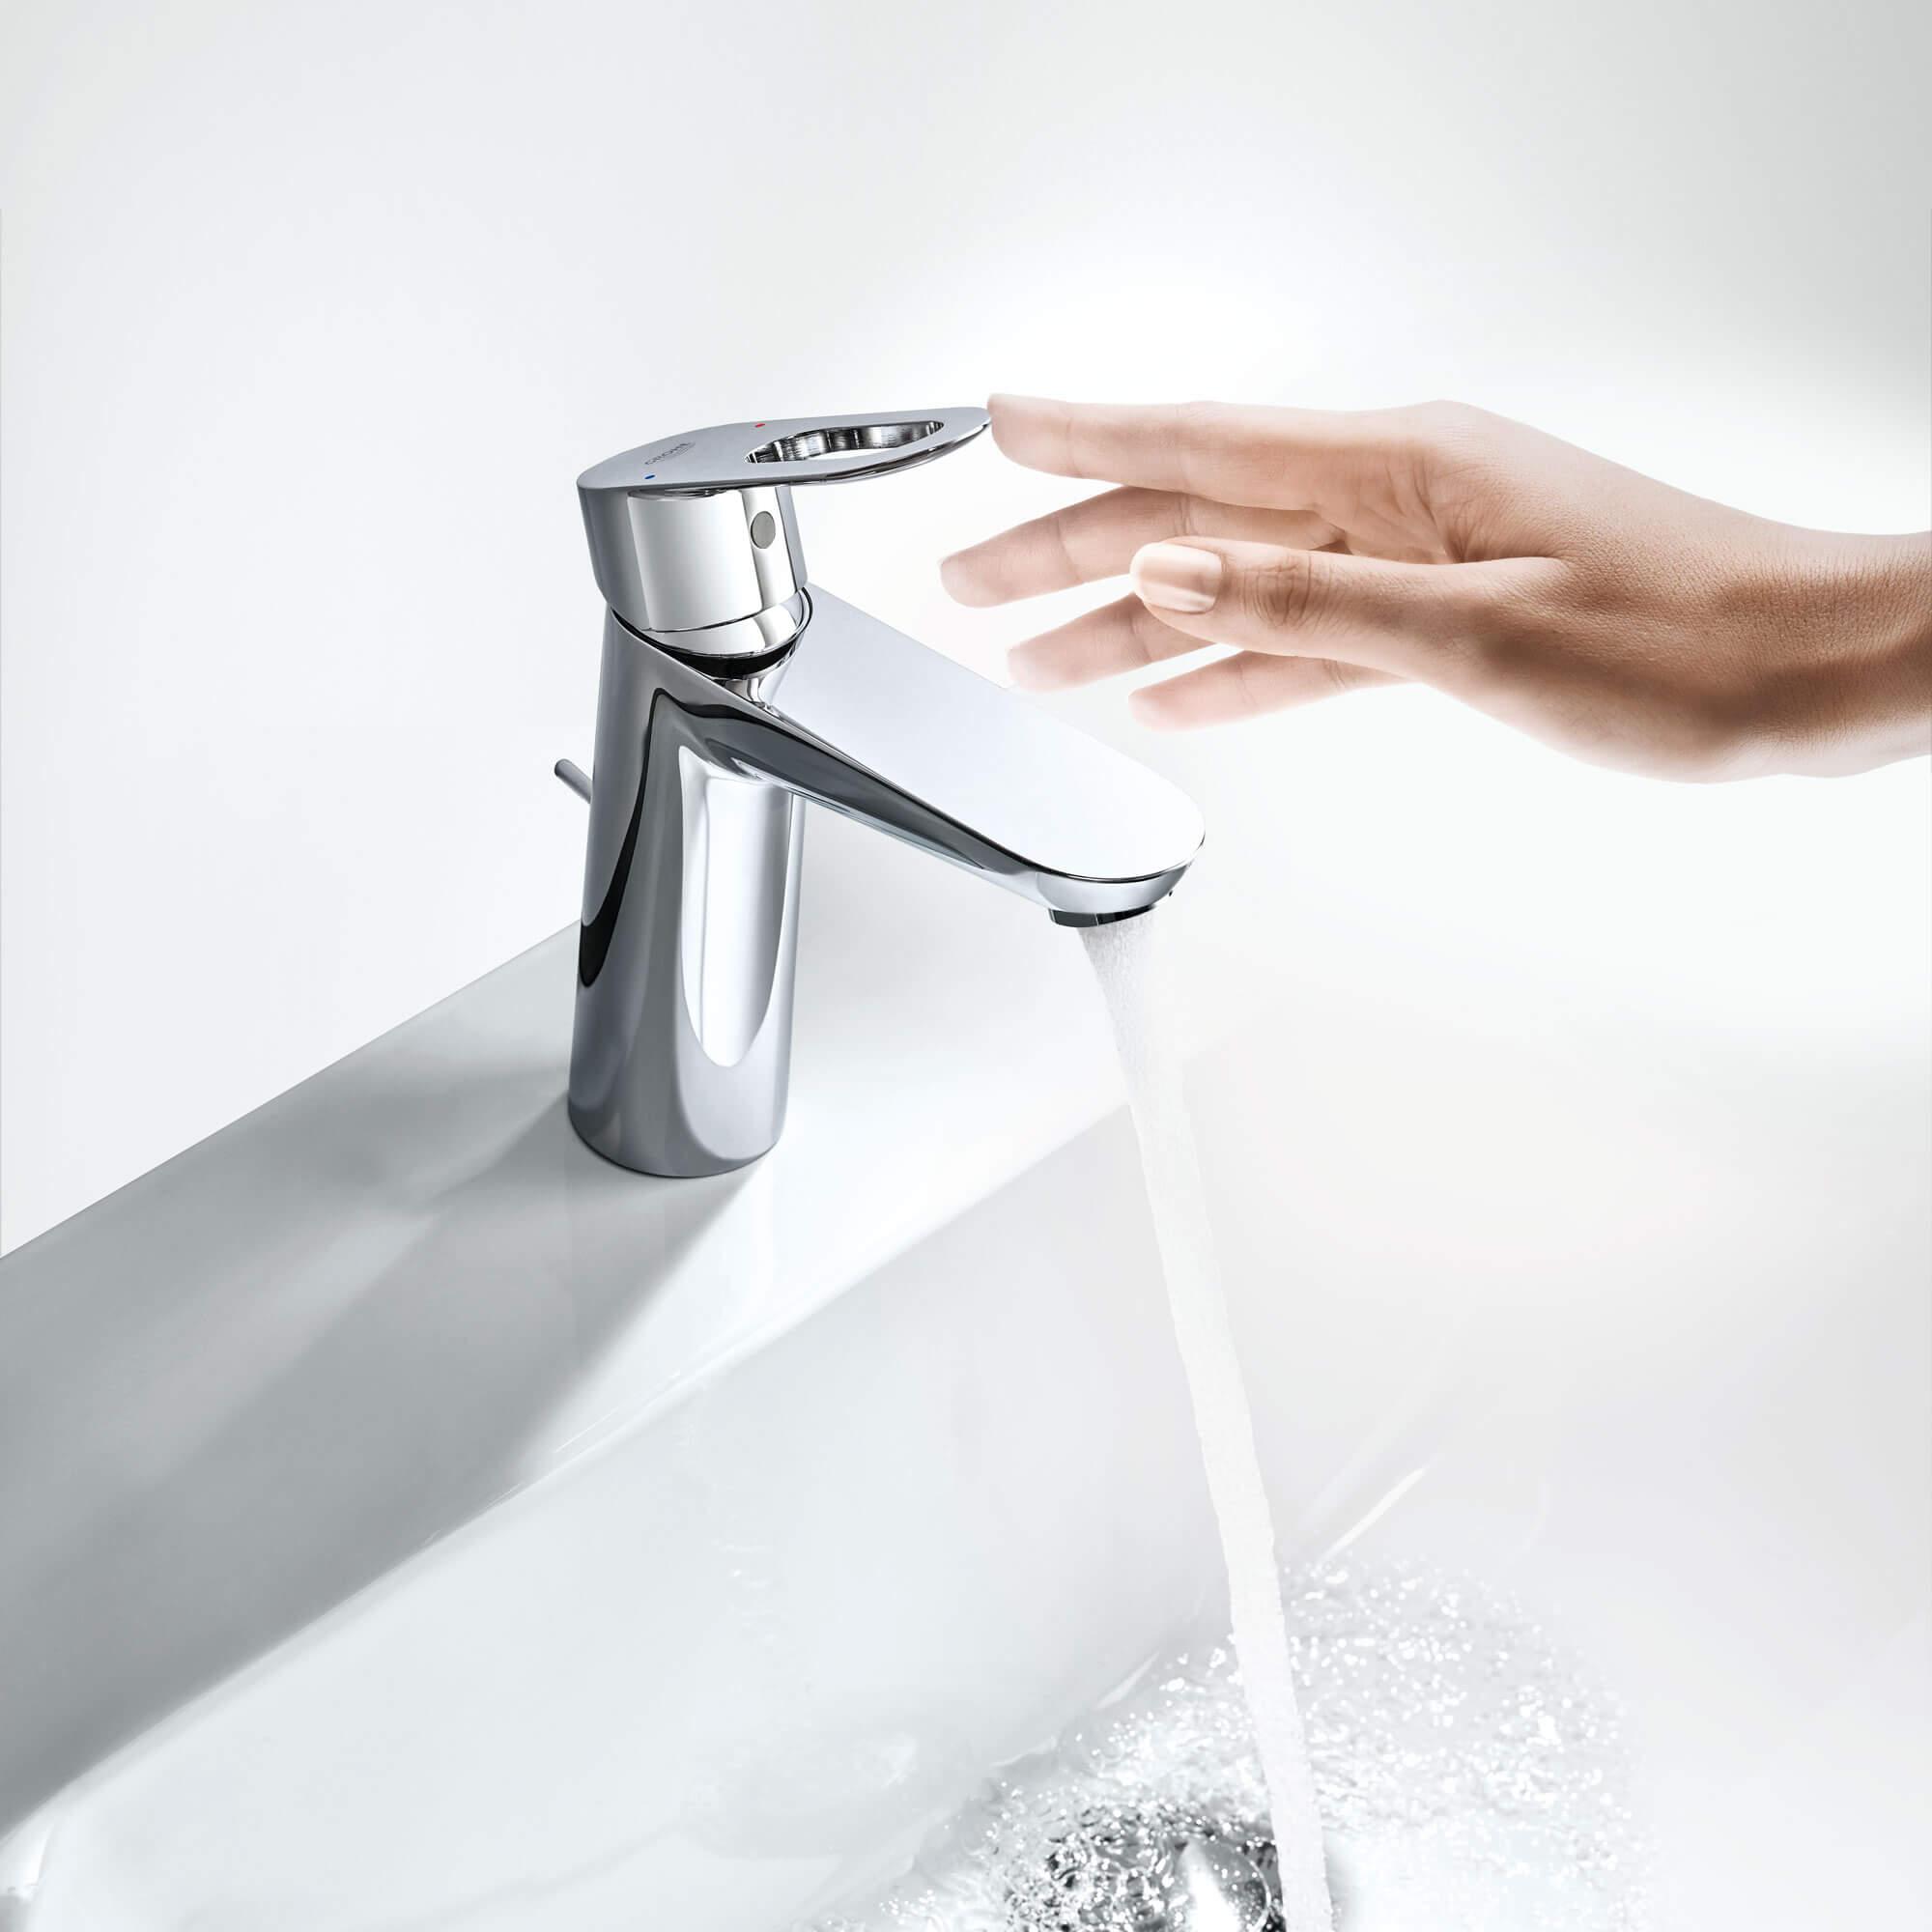 Robinet de lavabo Bauloop de Grohe avec eau courante